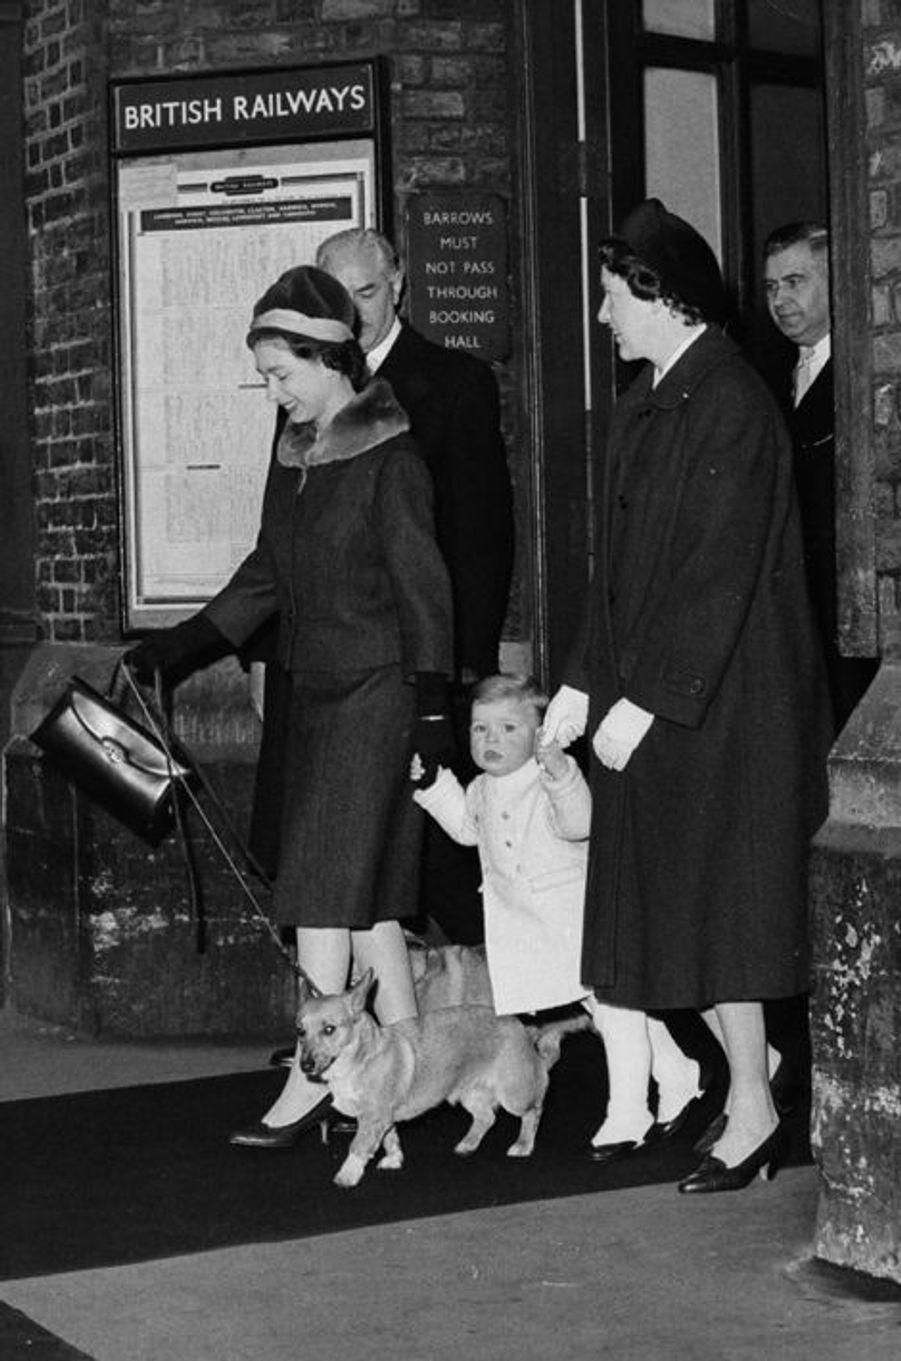 Elizabeth avec Andrew et sa nanny, le 2 février 1962